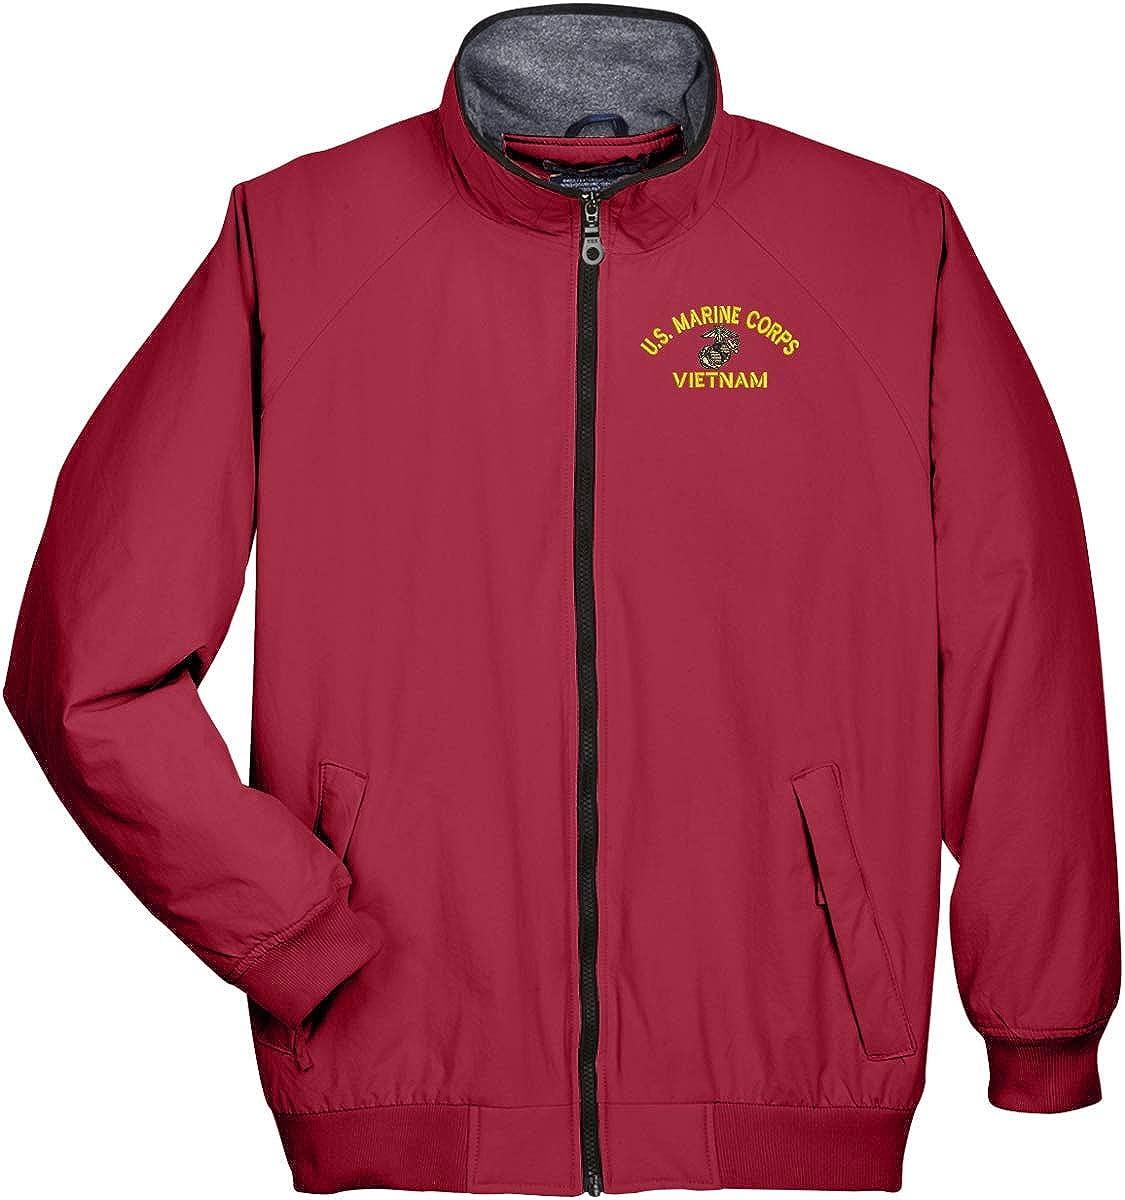 Fllay Mens Warm Packable Lightweight Short Stand Collar Zipper Down Jacket Coat